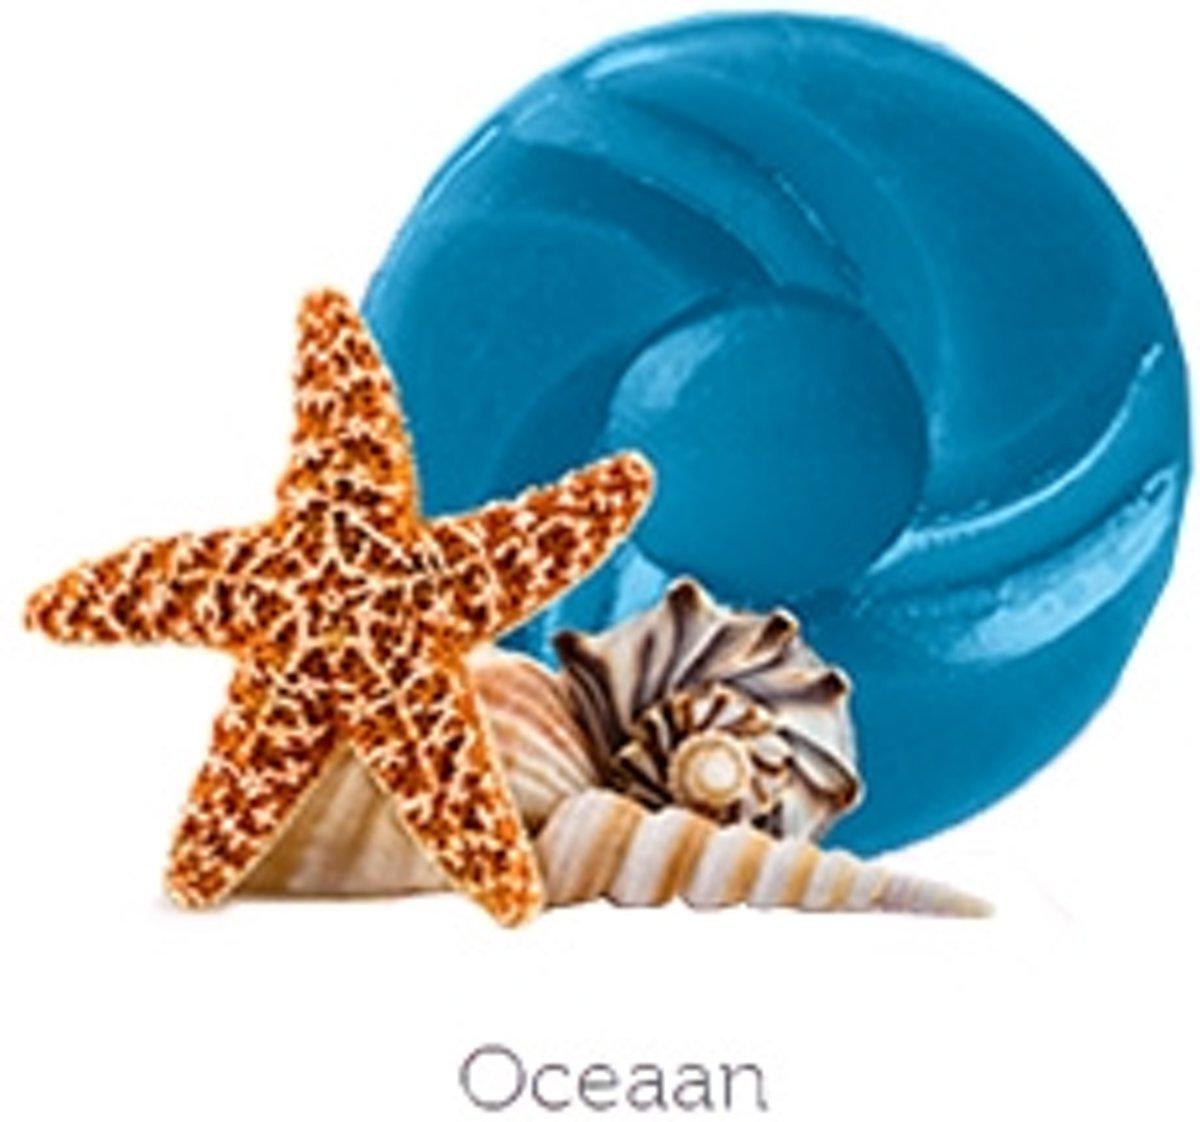 CreaScents Geur chips 'Oceaan' kopen